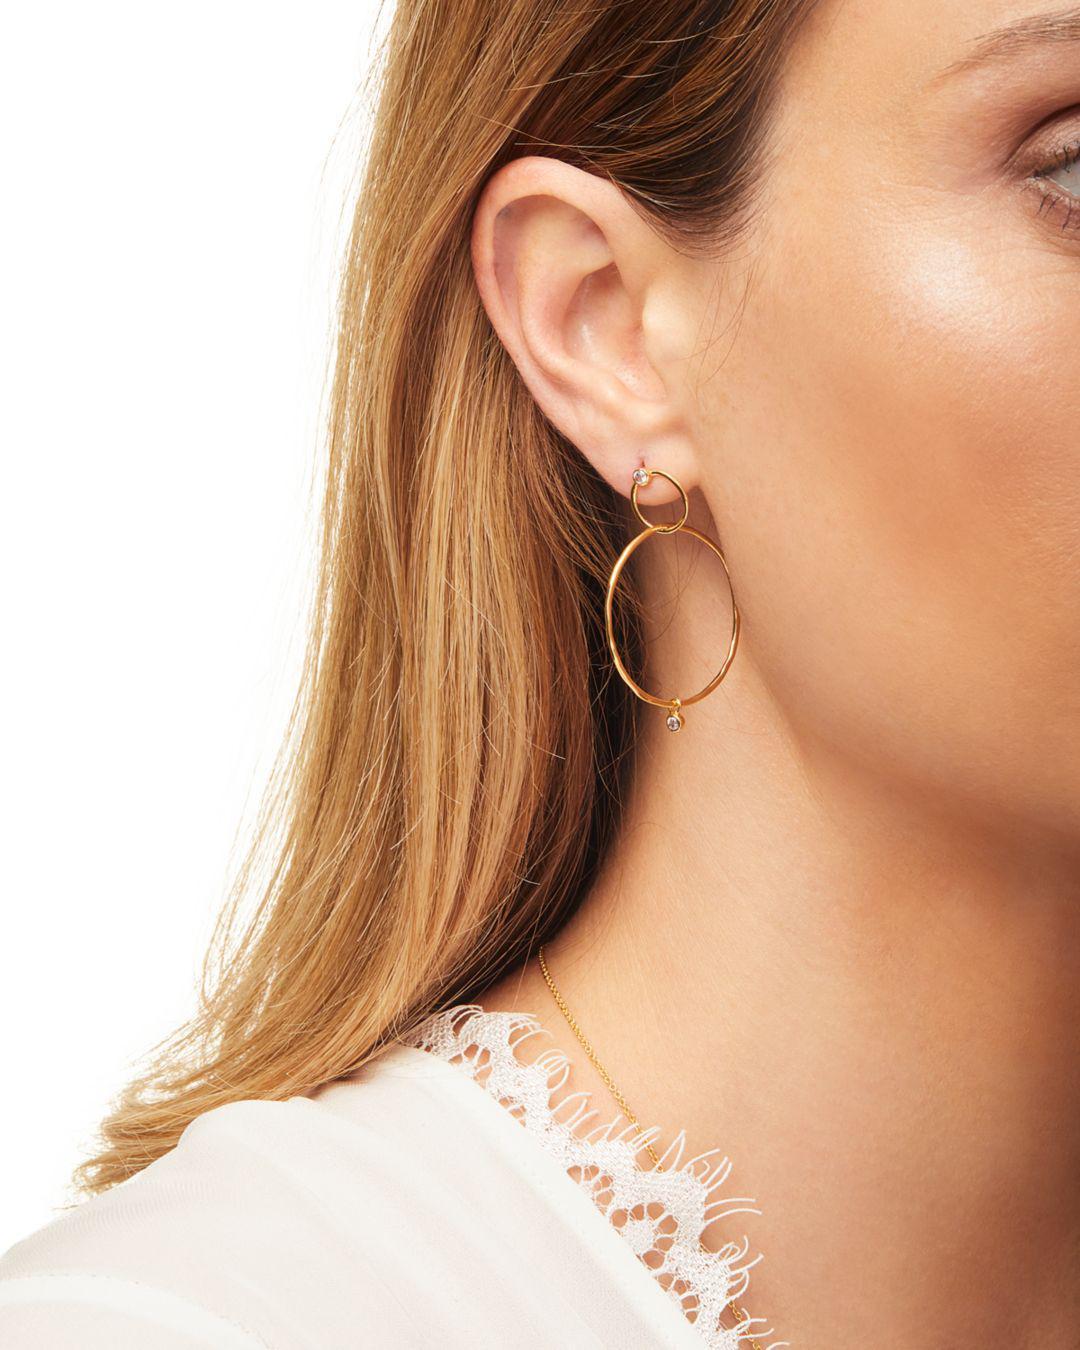 Lyst Gorjana Josslyn Pavé Studded Interlocking Hoop Earrings In Metallic